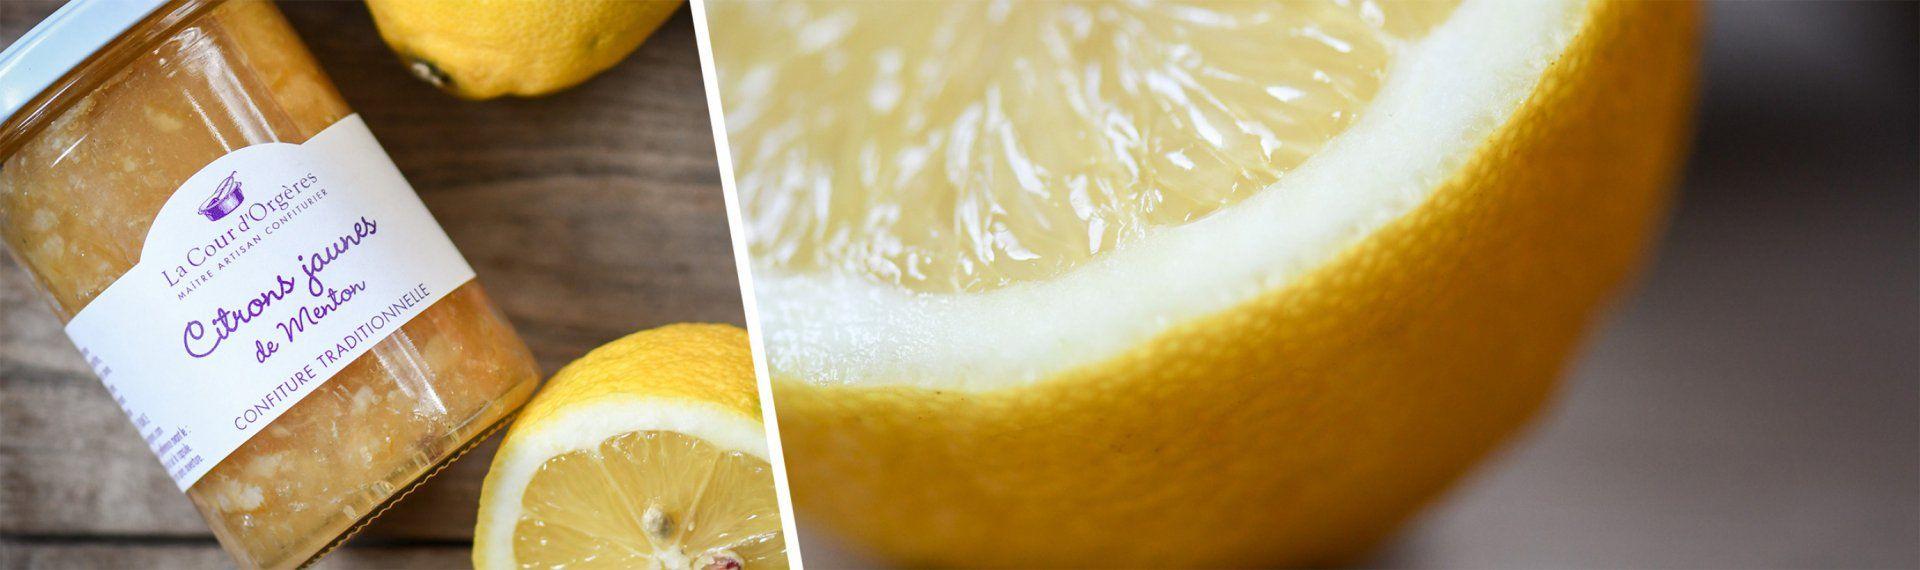 Confiture au citron de Menton